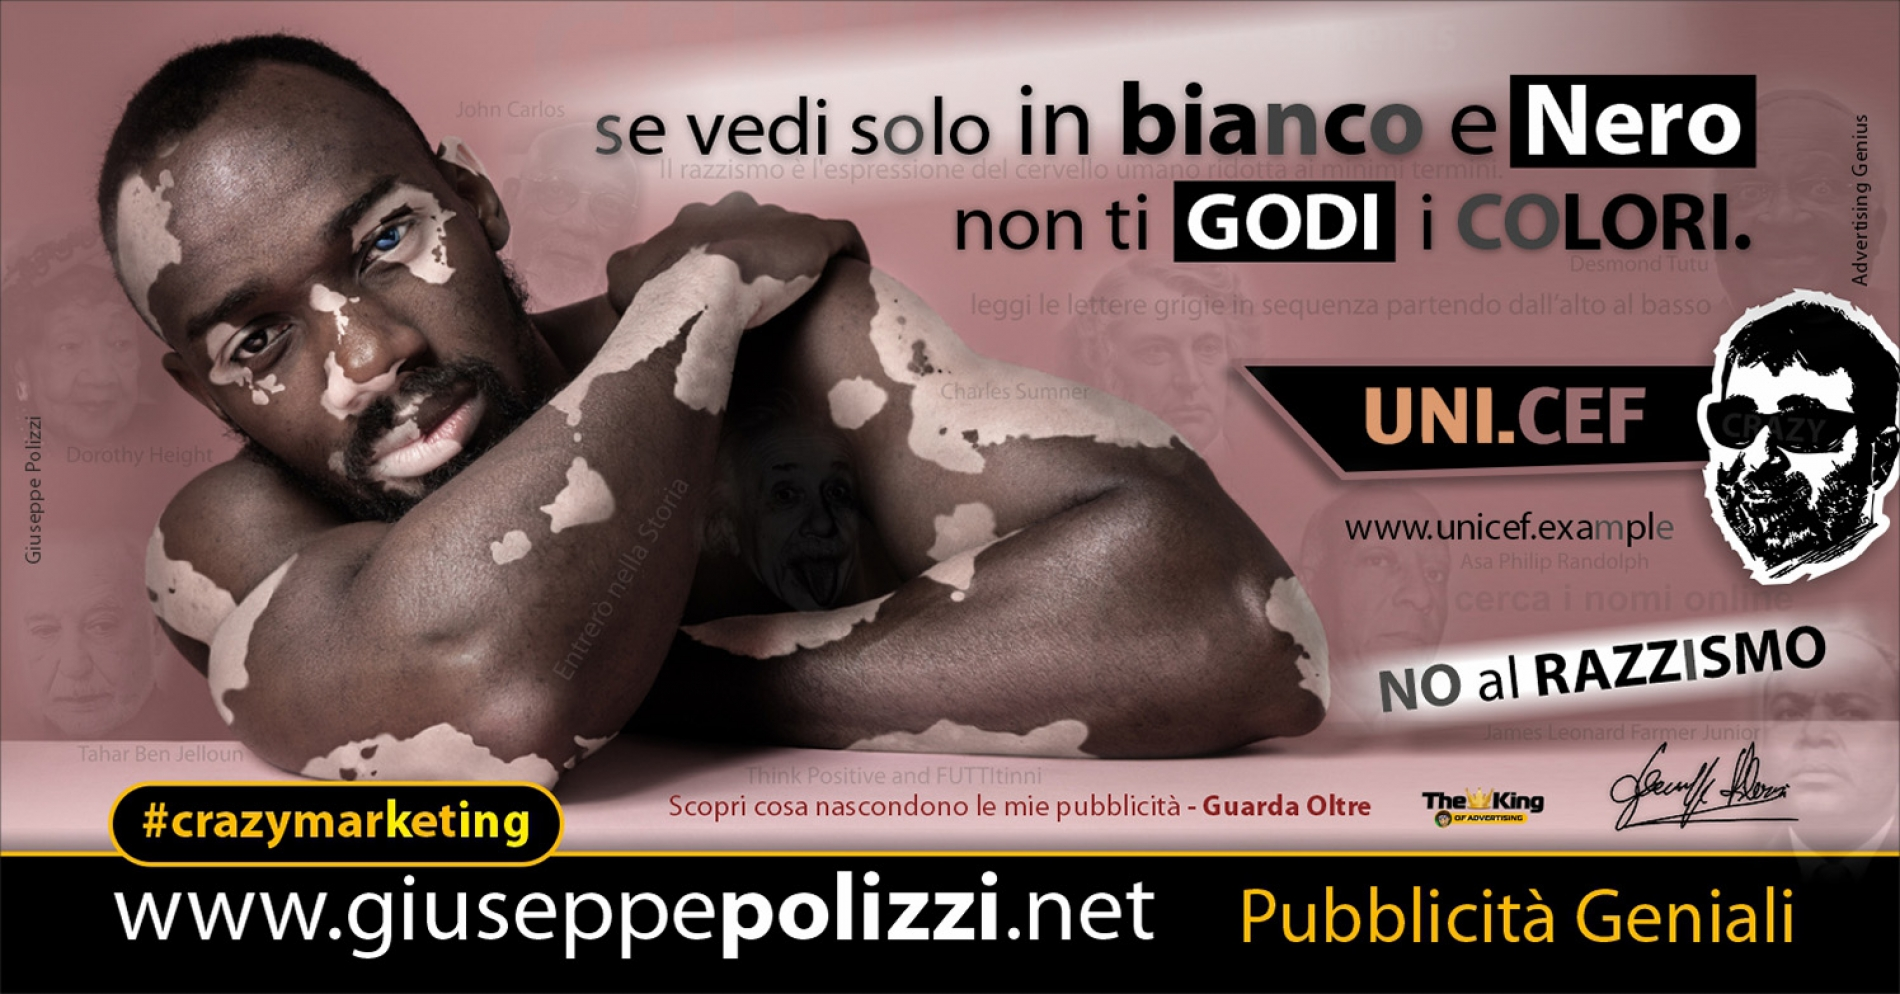 Giuseppe Polizzi crazymarketing RAZZISMO pubblicità geniali